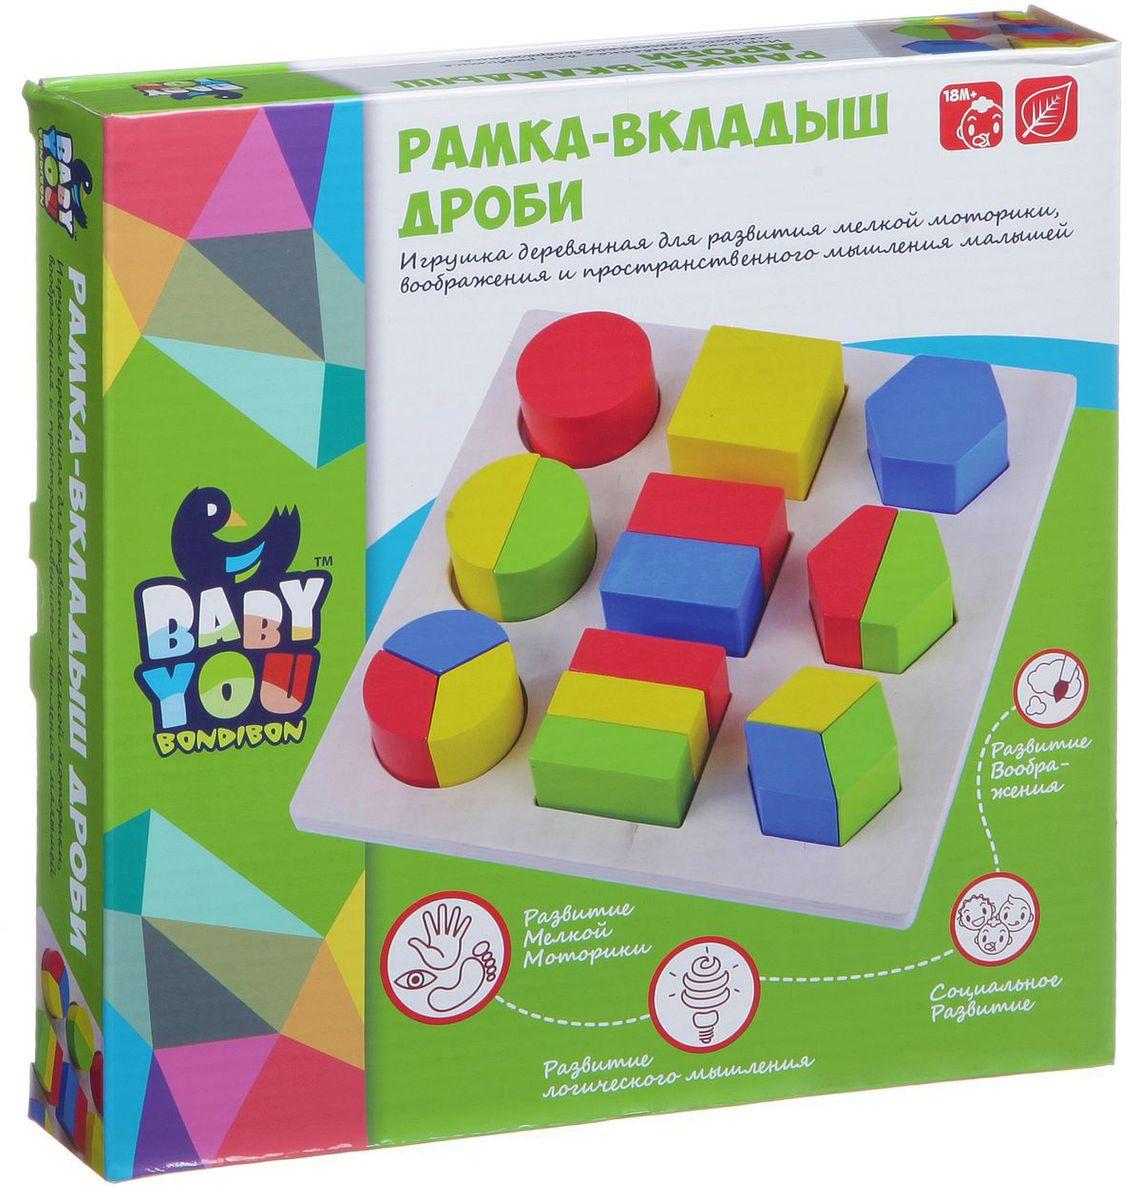 Bondibon Обучающая игра ДробиВВ1499Рамка-вкладыш предназначается для развития воображения, пространственного мышления и мелкой моторики малыша. Она представляет собой доску-основание, на которой расположены девять геометрических фигур – кубы, цилиндры, параллелограммы и призмы. Часть геометрических фигур состоит из нескольких деталей, имеющих разный цвет. Детали игрушки выполнены из экологически чистого материала – древесины, они не токсичны и безопасны для детей. Игрушка способствует развитию целостности восприятия, расширяет представление ребенка о предметах и явлениях окружающего мира, учит различать цвета и выделять связи между предметами. Знание геометрических фигур являются необходимыми для развития логики и математических способностей, поэтому важно своевременно познакомить ребенка с ними.